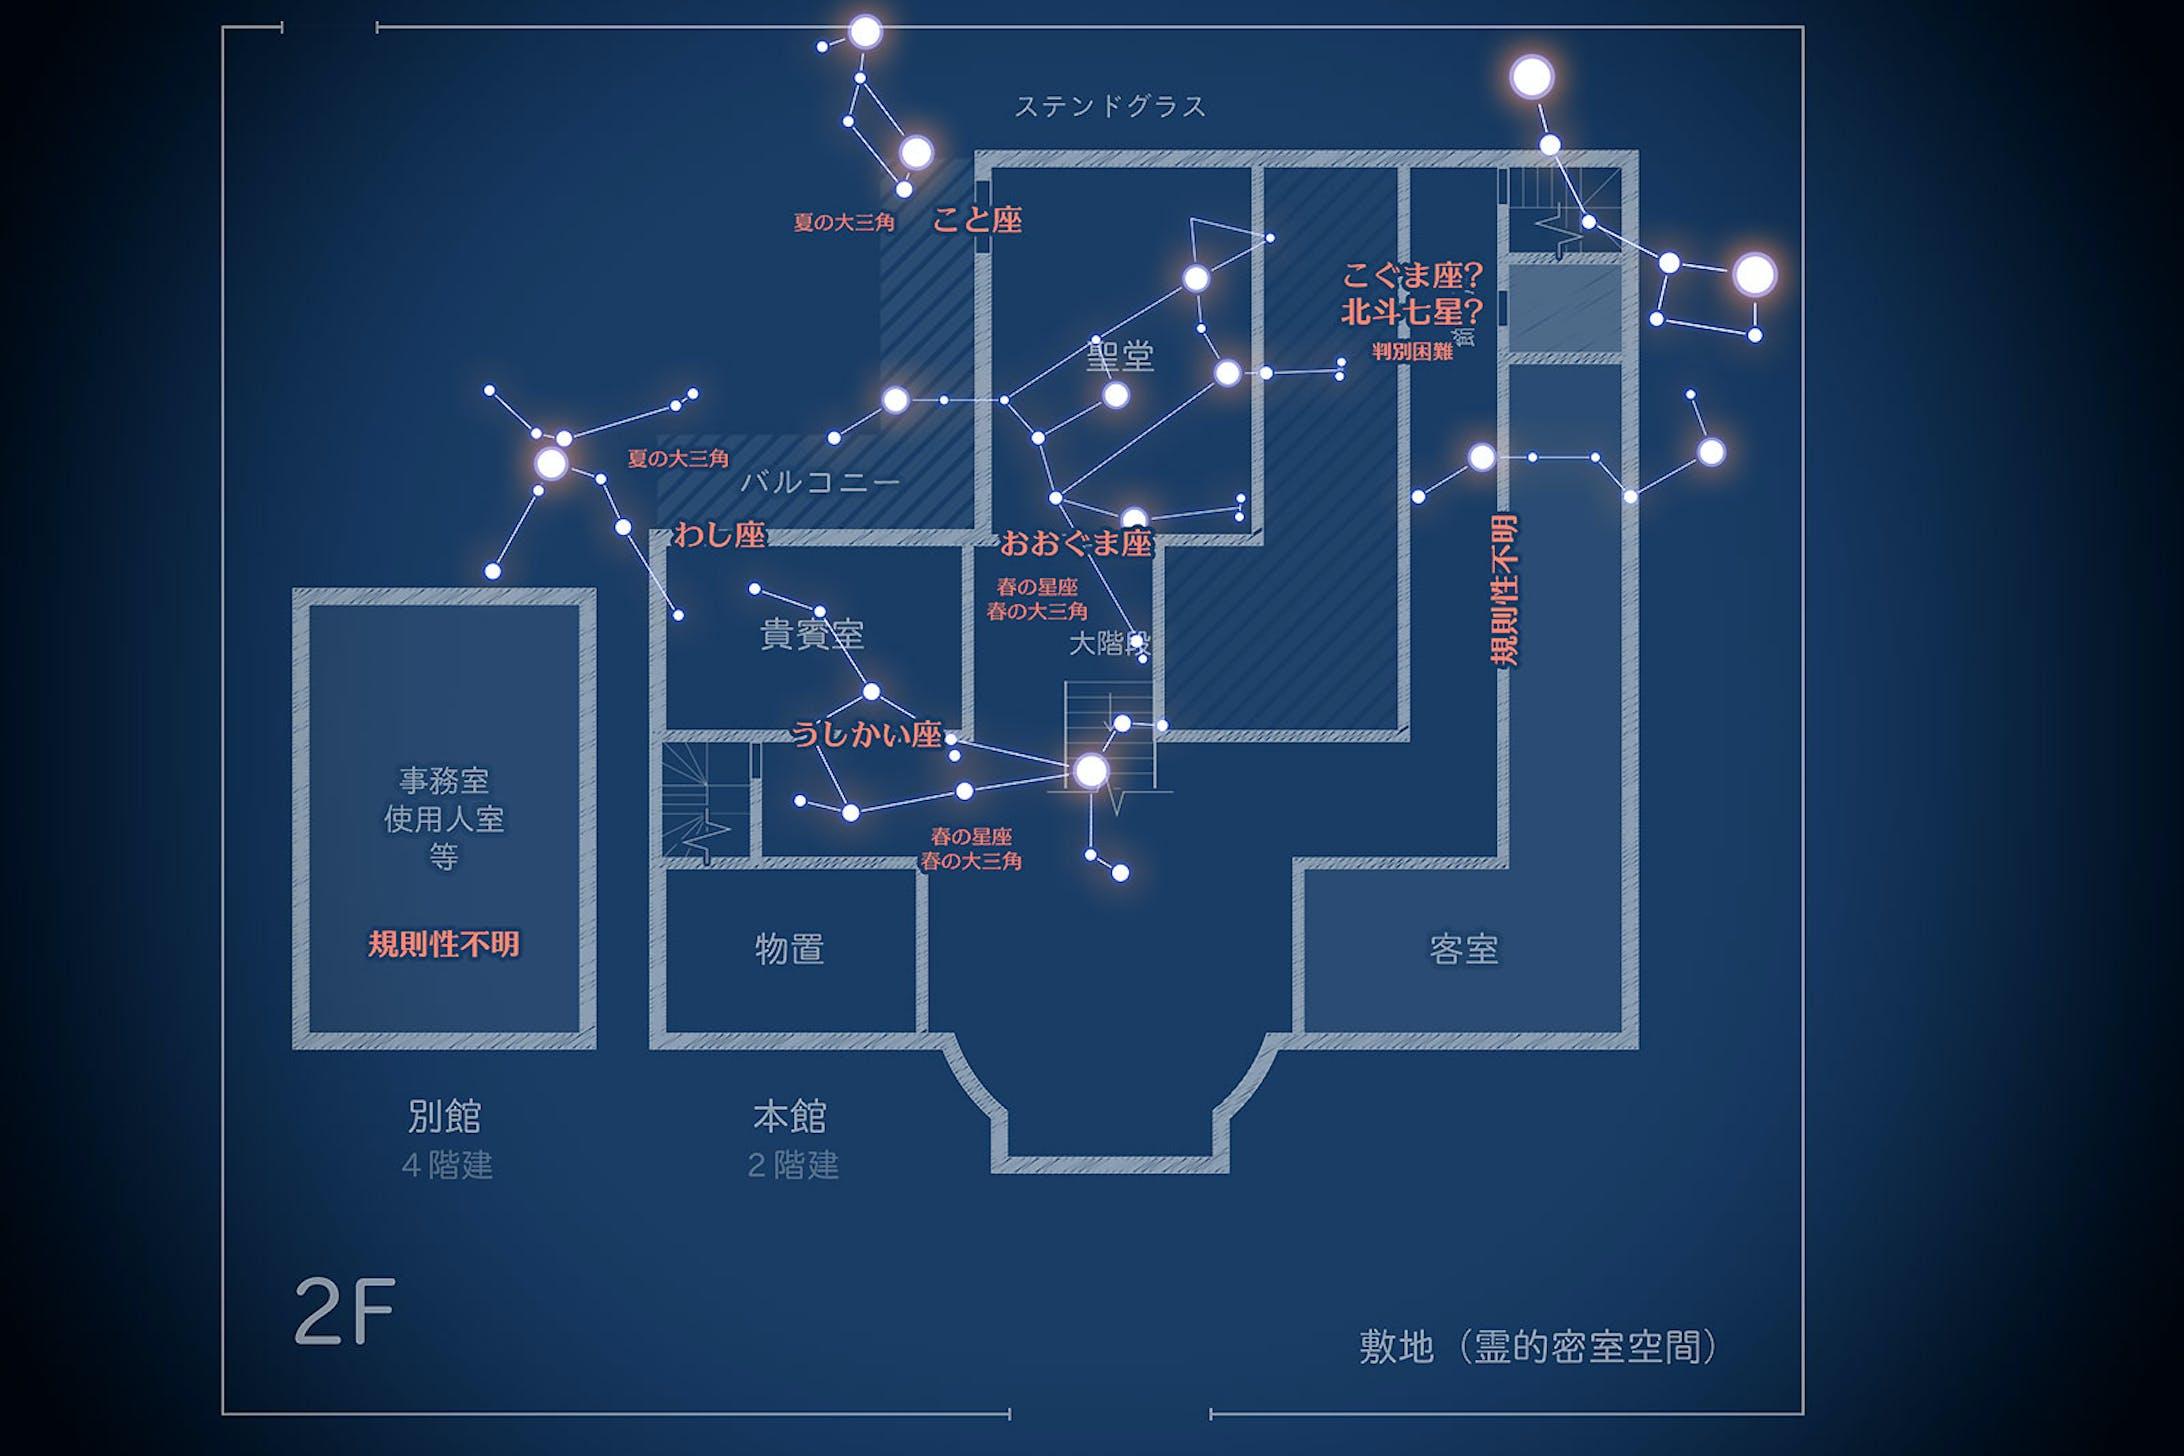 マップ・間取り図-2